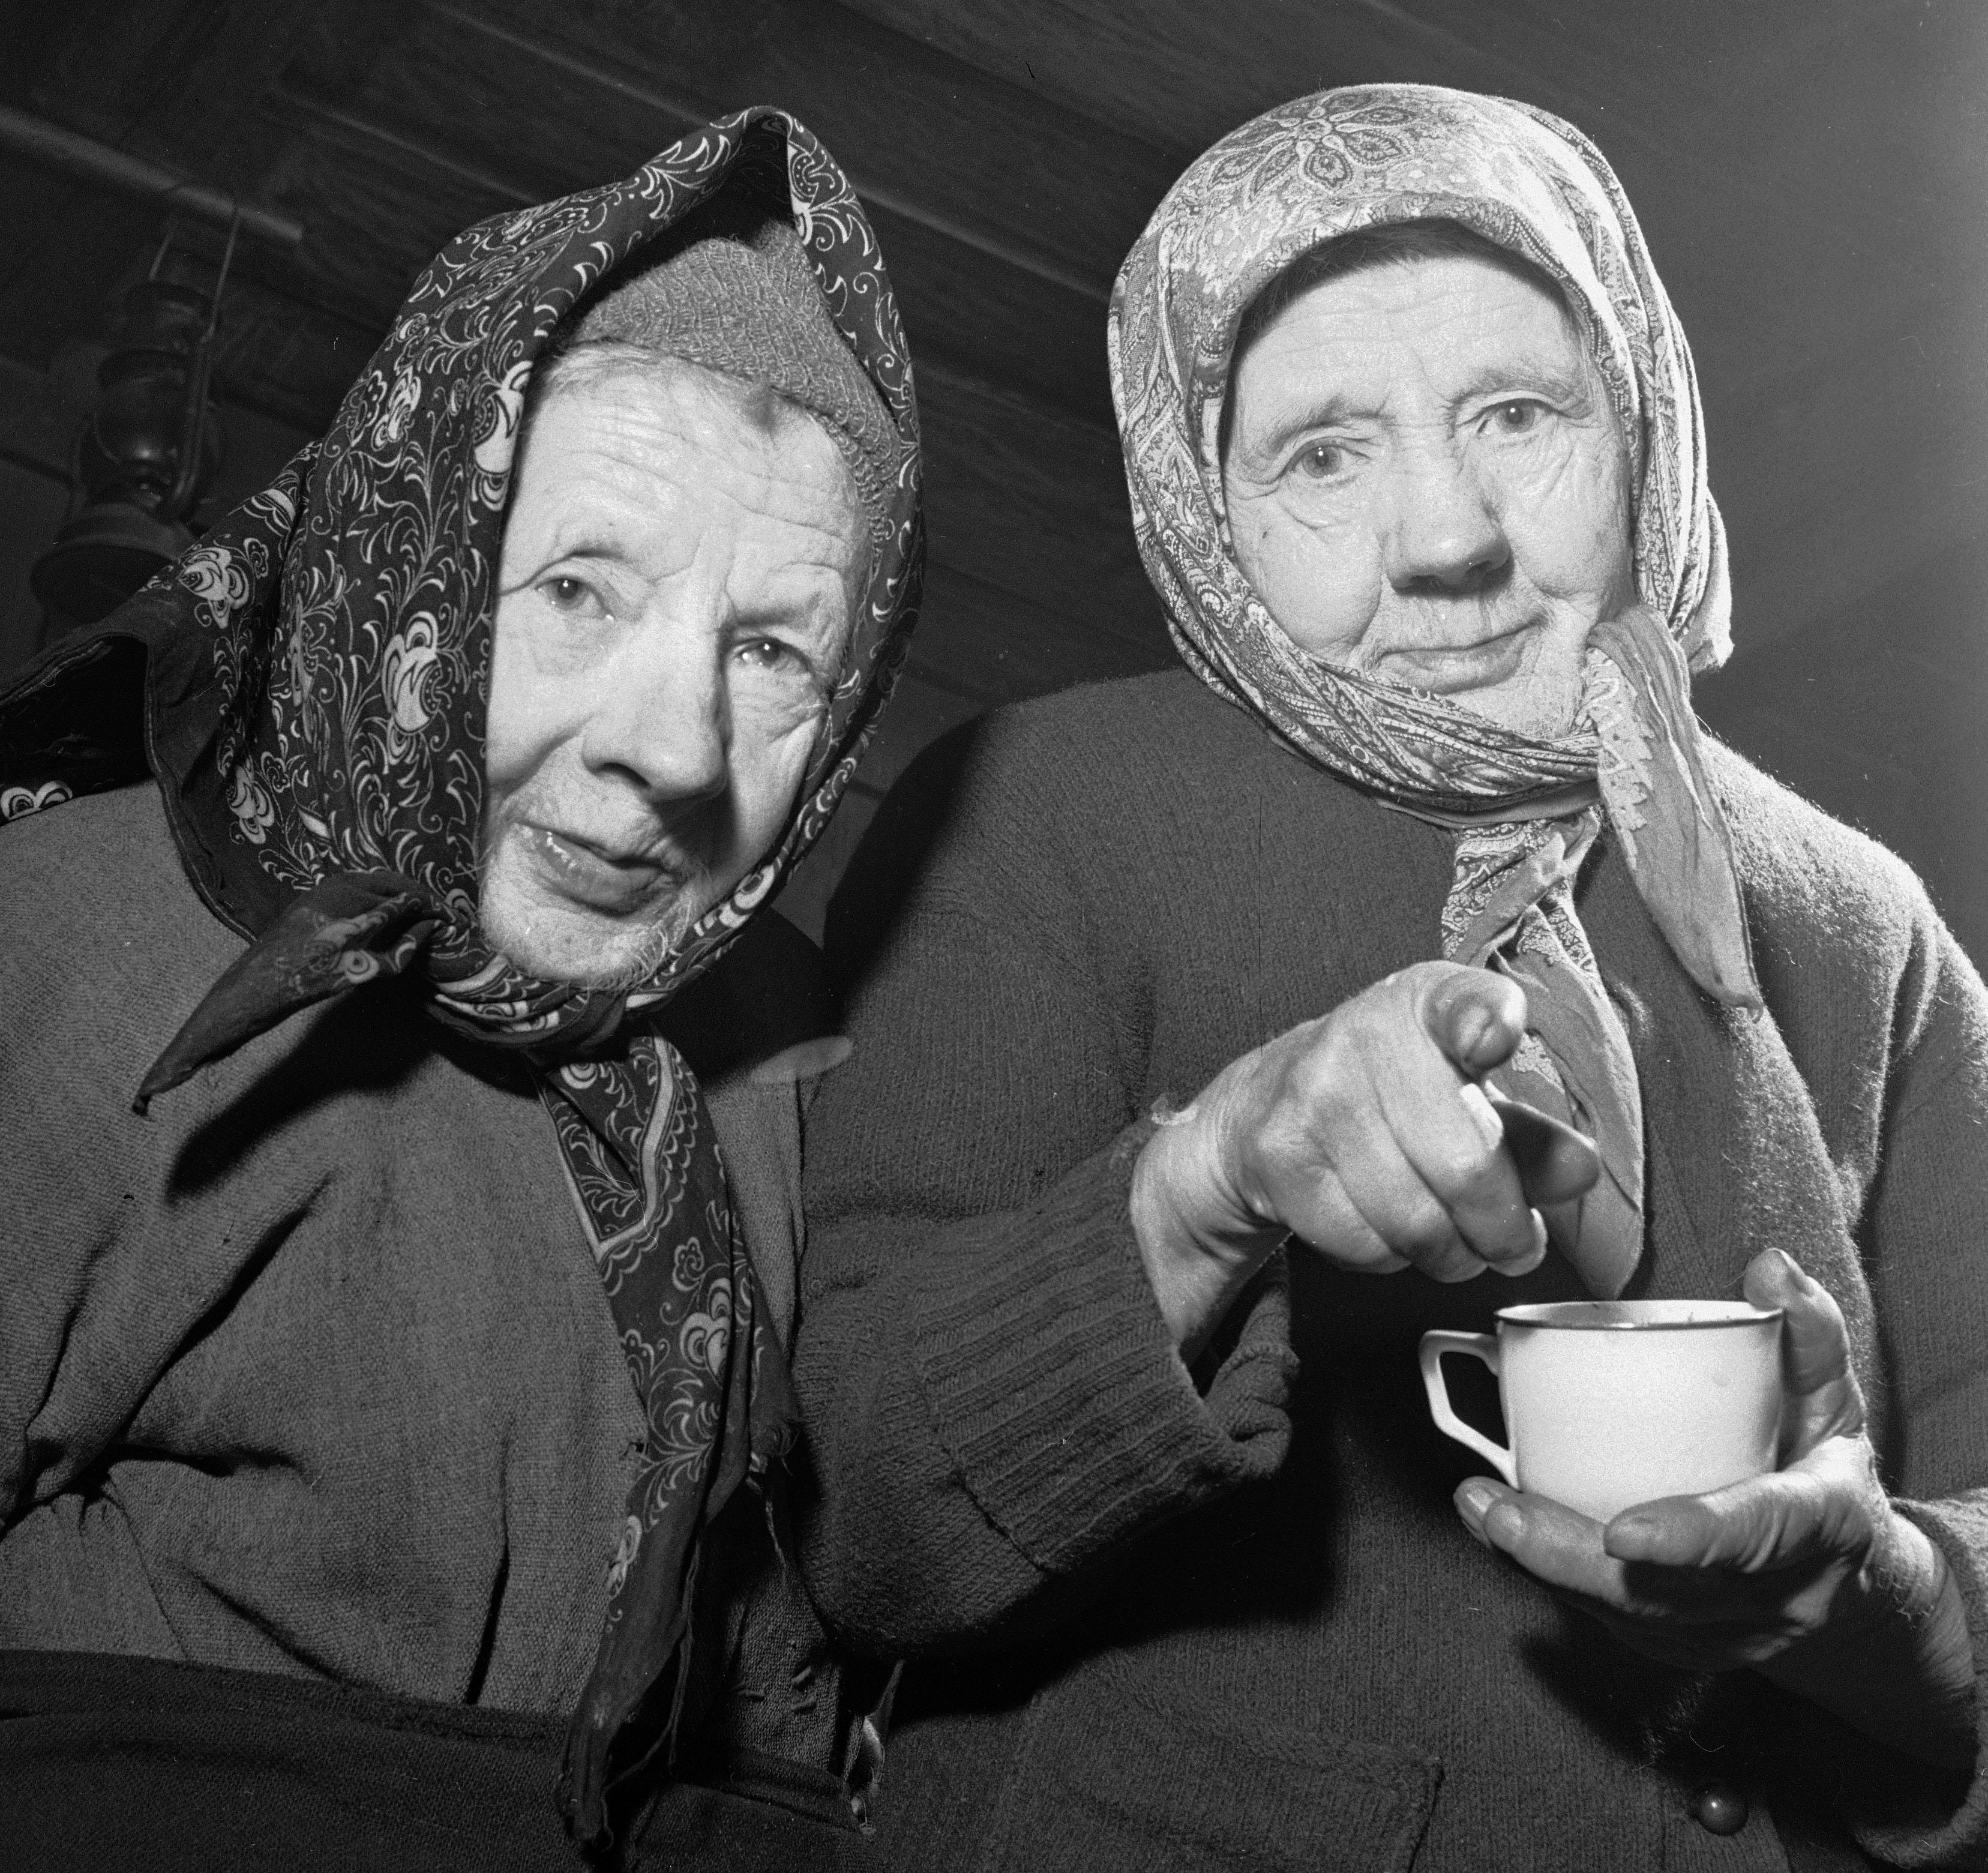 """Dalen i Telemark, Februar 1955. Ingerine (th) og Gurine Schevenius (83 og 81 år gamle) bor alene på plassen Roi eller Rui i Dalen i Telemark. Tiden har stått stille på denne lille plassen høyt oppe i fjellheimen. Her de to sammen. Ingerrine peker på fotografen og spør: Er det springvatn i Kristianaia?"""" Foto: Aage Storløkken / Aktuell / Scanpix"""